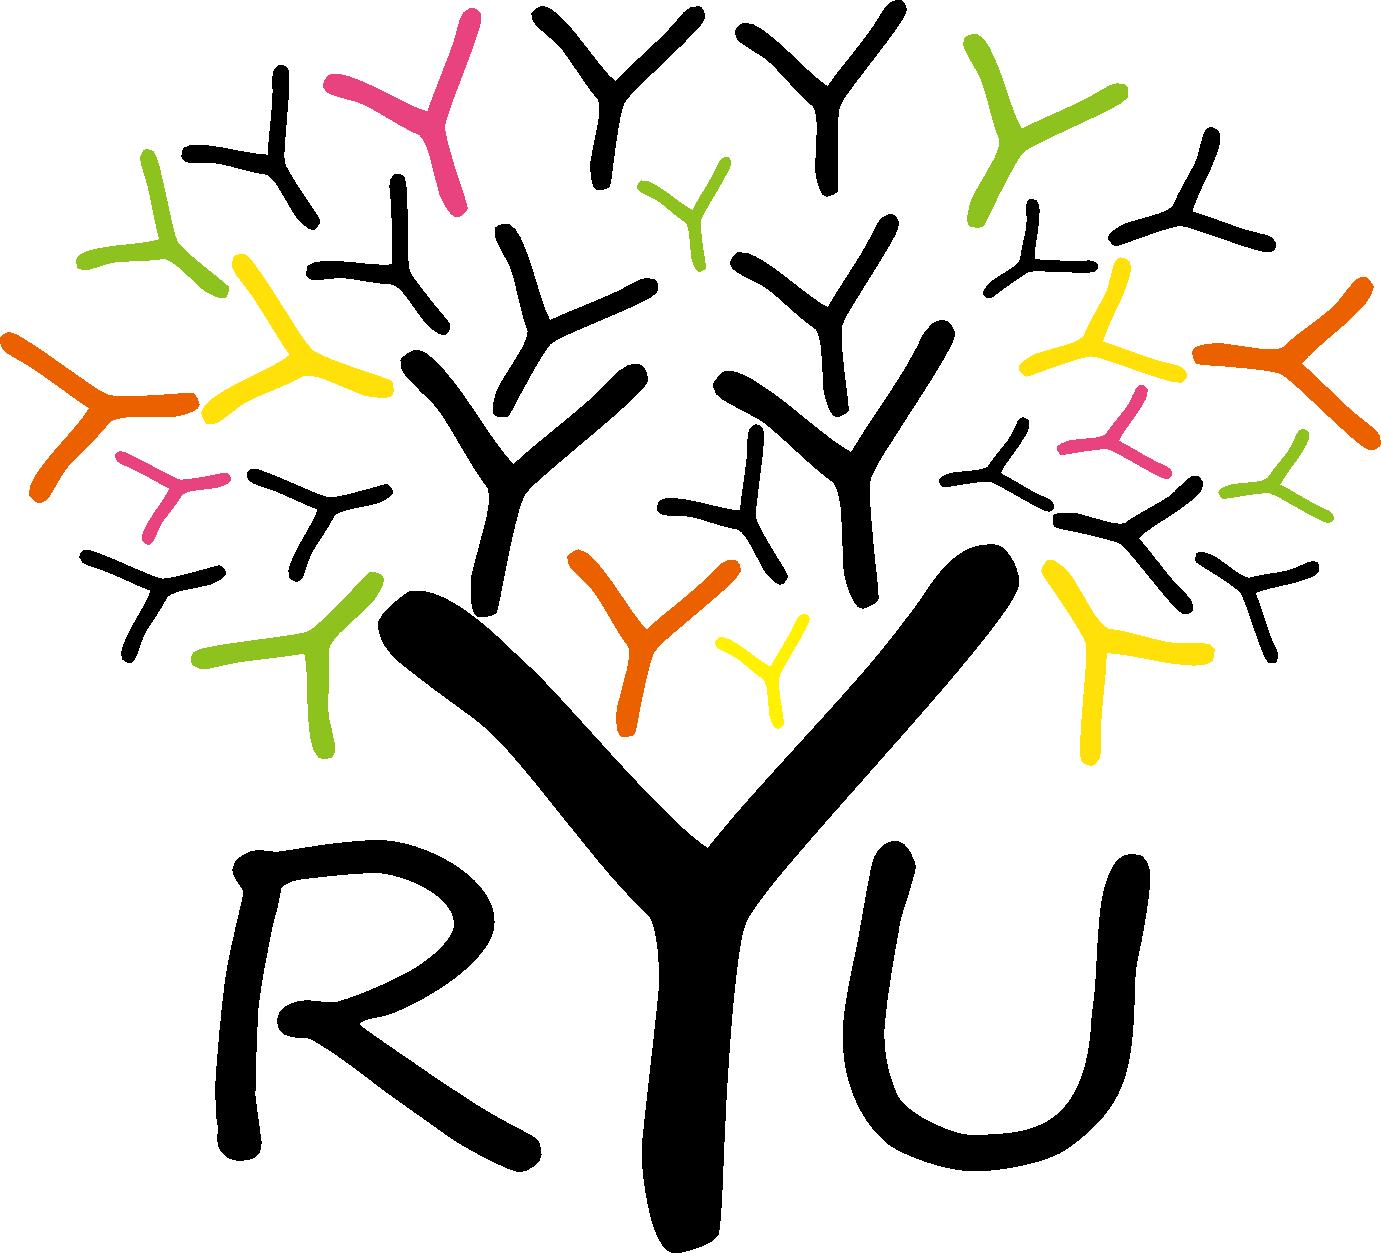 小嶋デンタル 木のロゴマーク